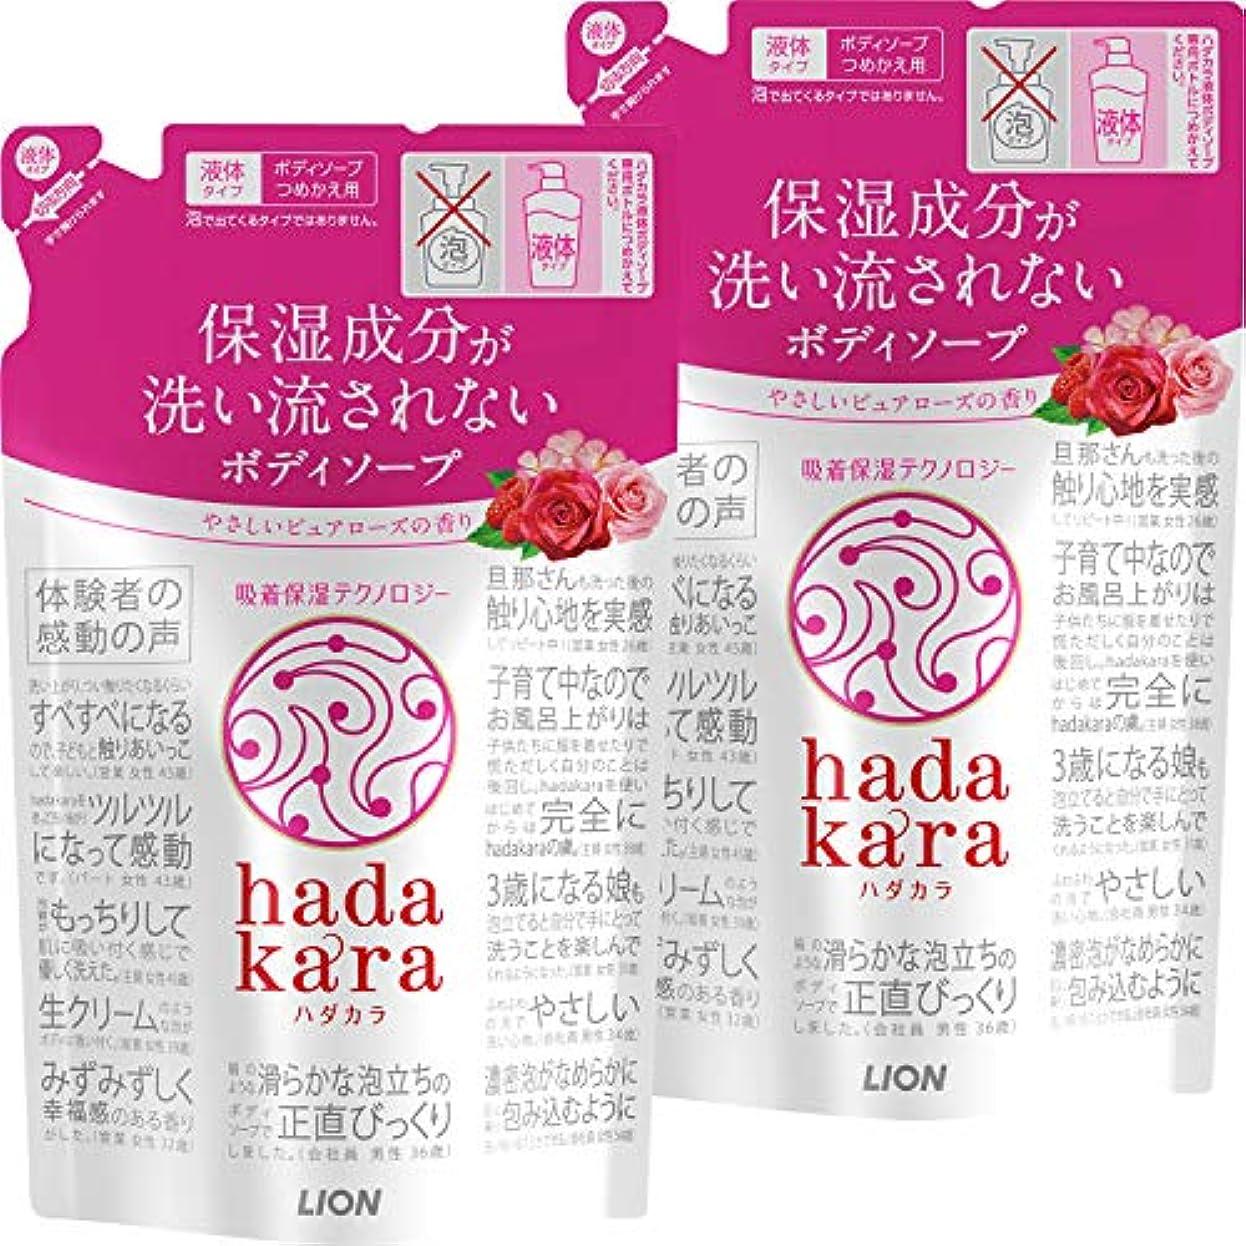 フルート患者フォーカス【まとめ買い】hadakara(ハダカラ) ボディソープ ピュアローズの香り 詰め替え 360ml×2個パック